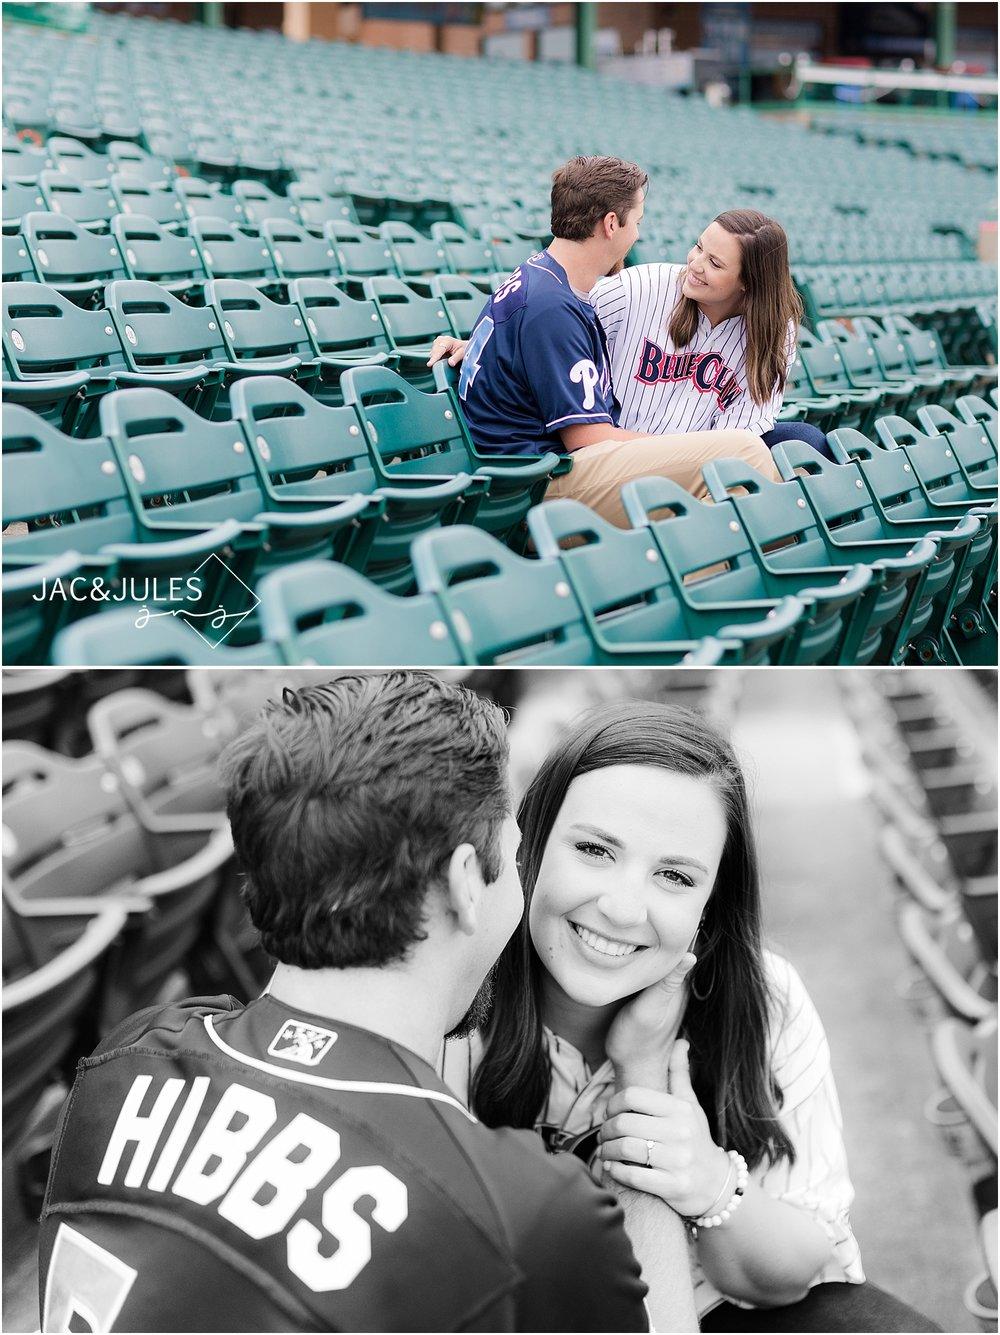 engagement photo at a baseball field